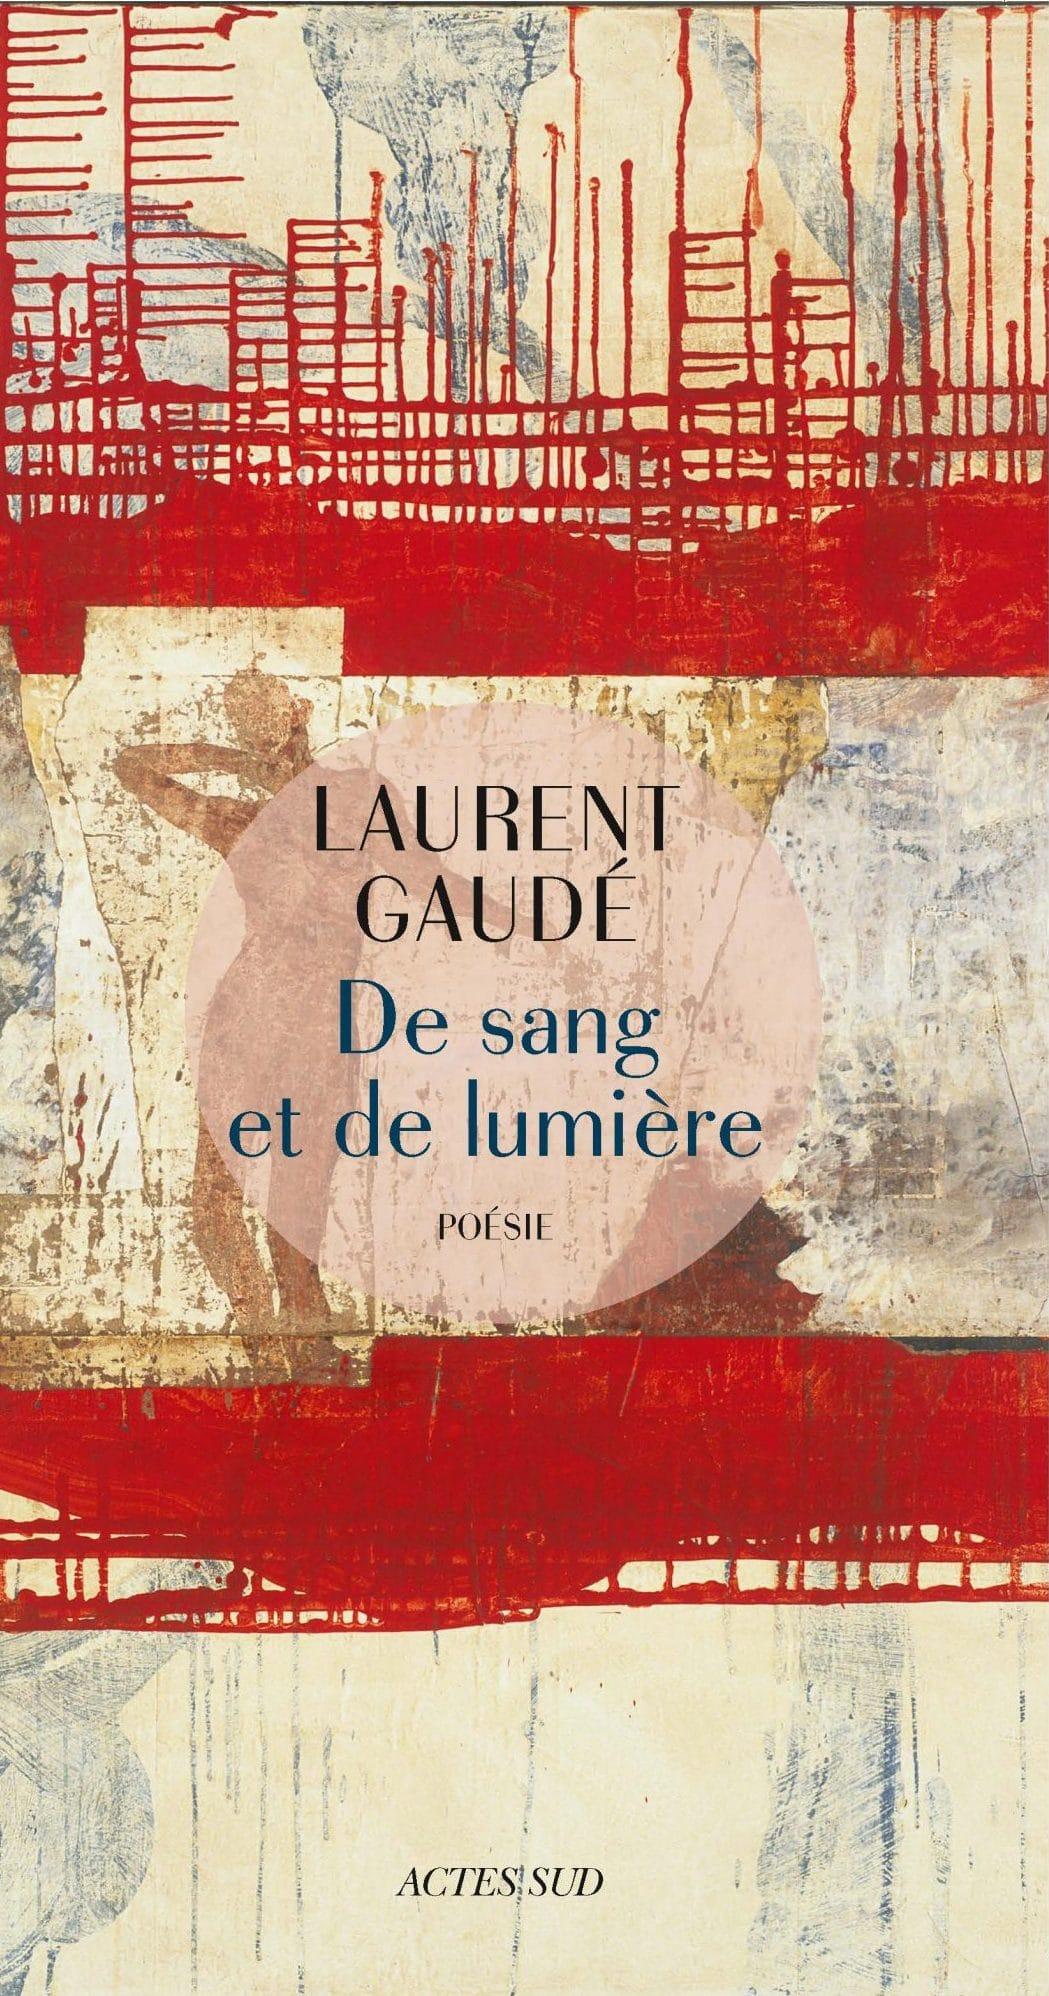 De sang et de lumière Laurent Gaudé image couverture